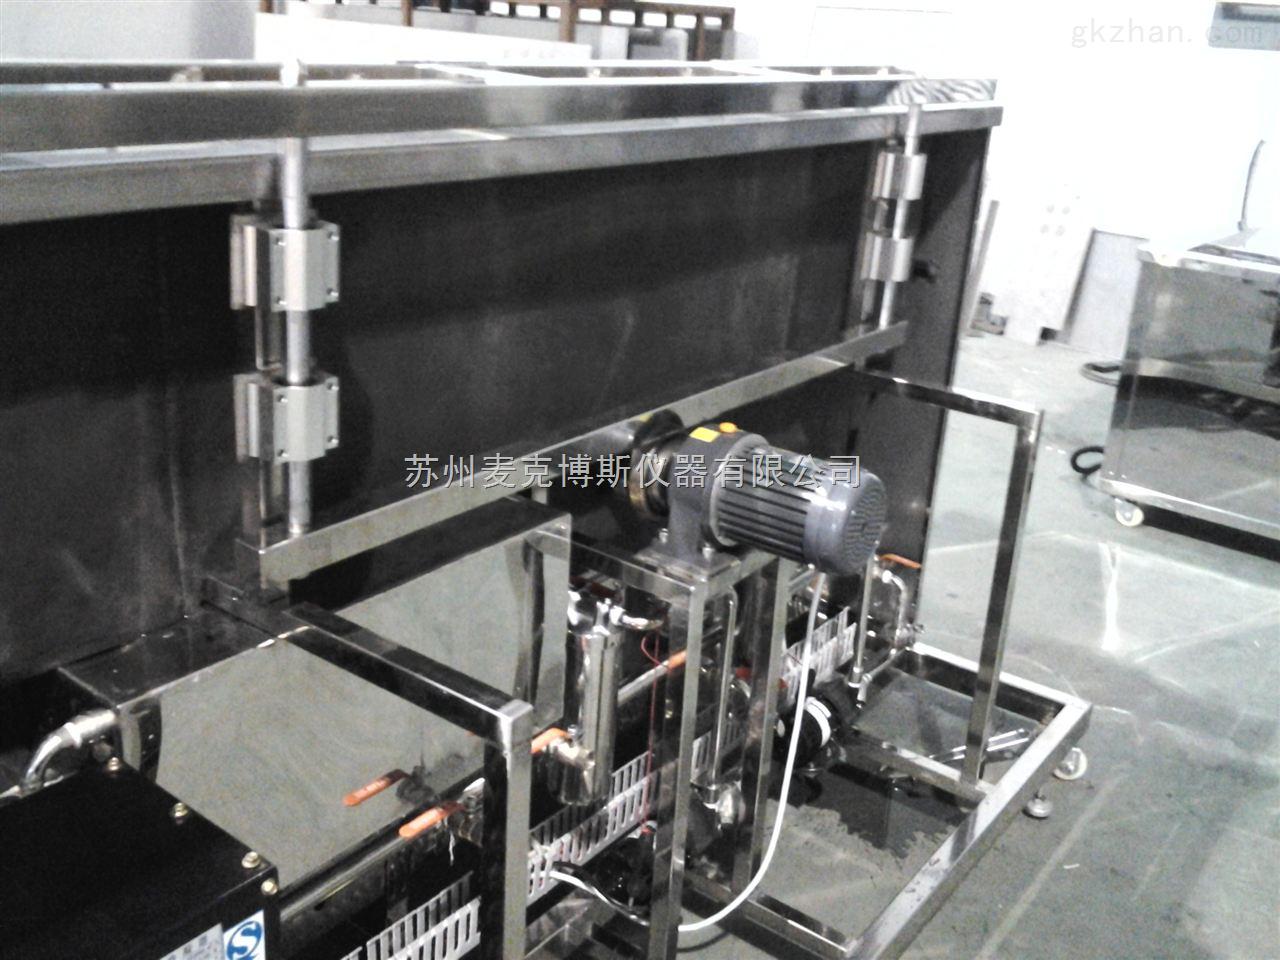 超声波清洗机设备维修,超声波清洗机维修